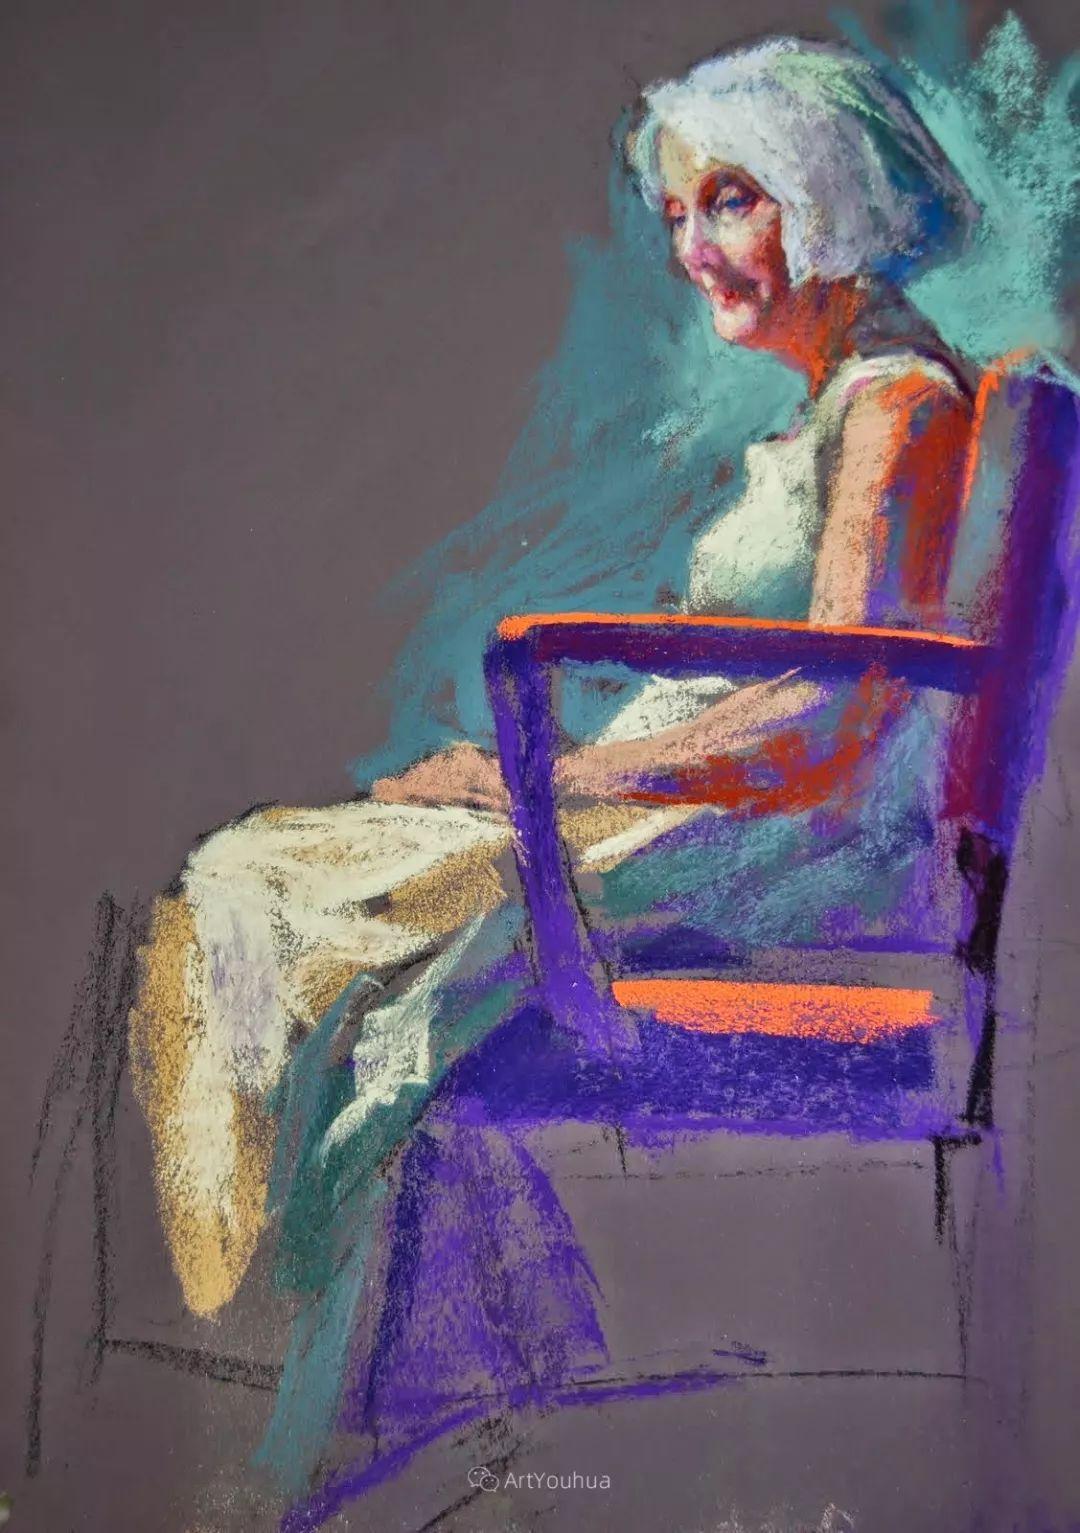 充满活力的感性粉彩 美国印象派女画家Margaret Dyer插图27